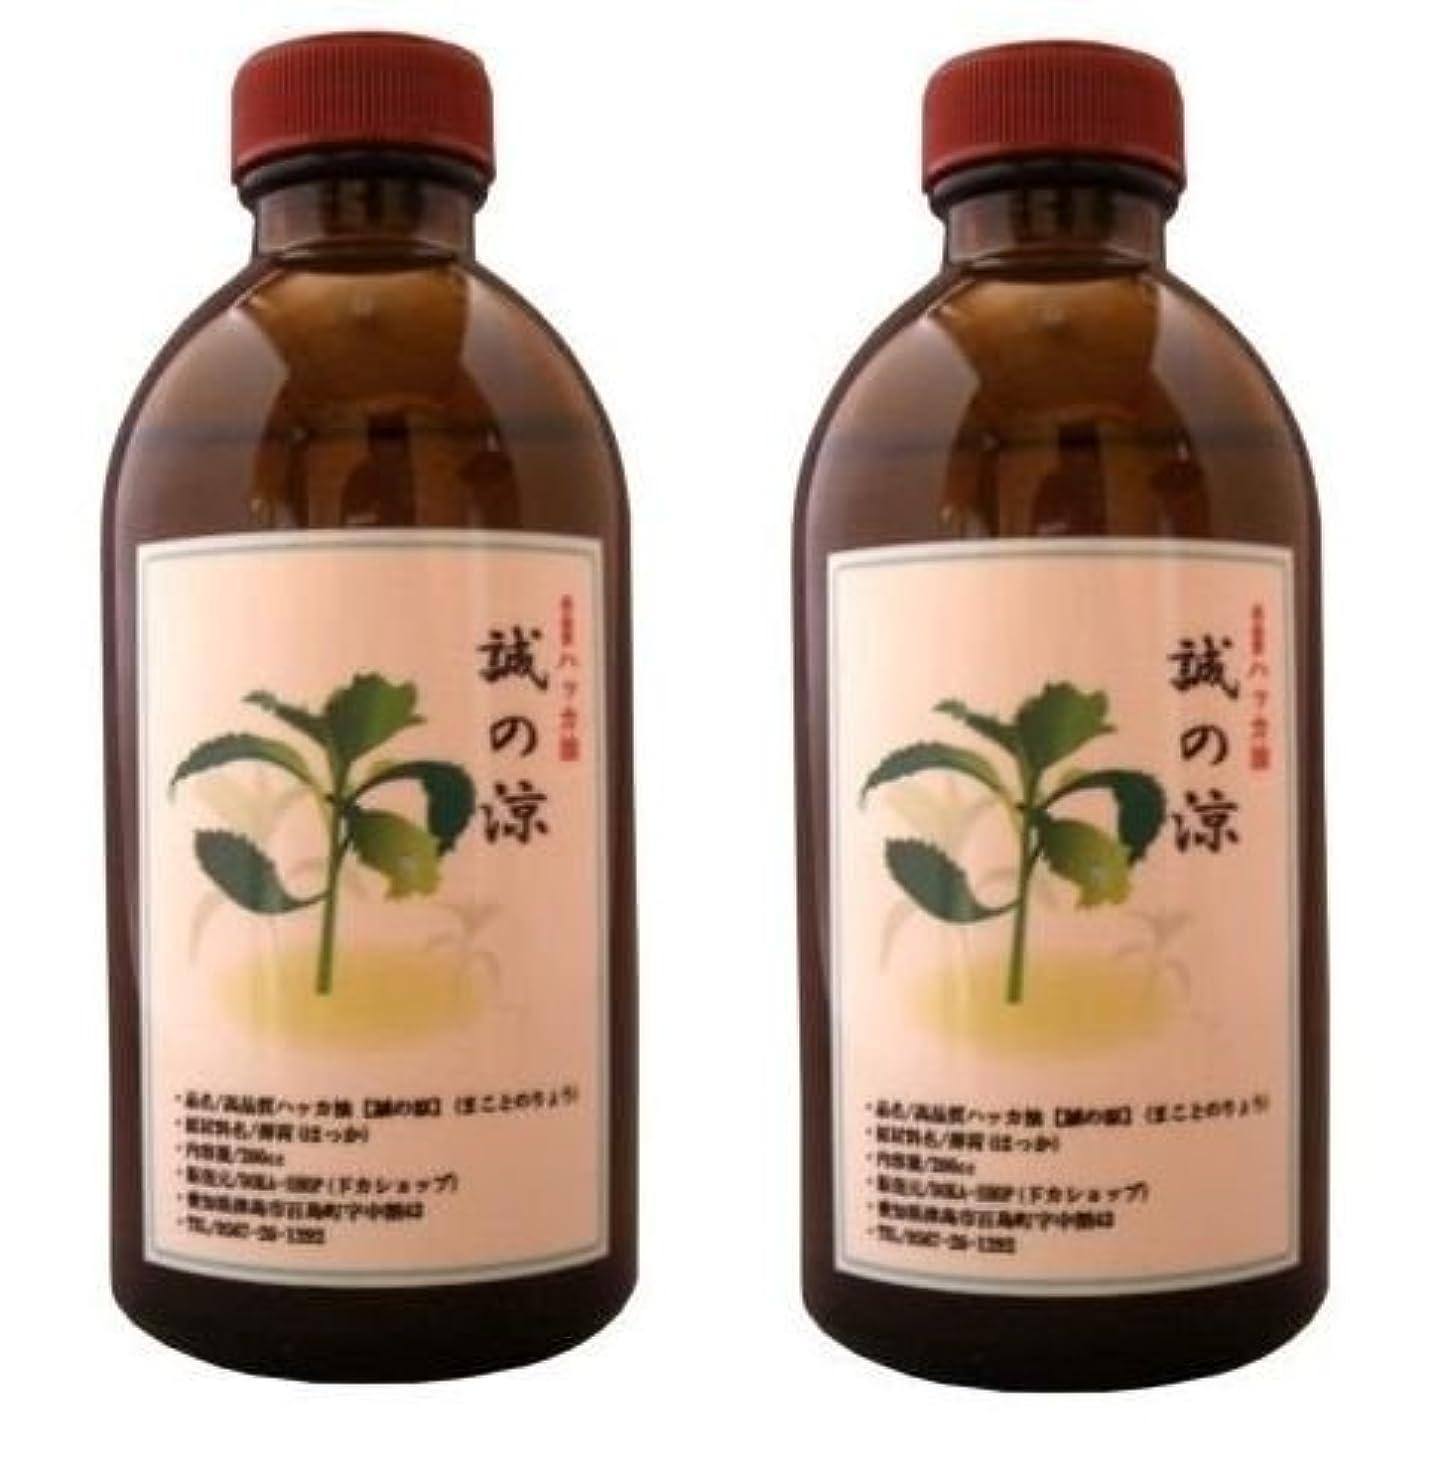 有望脳泥だらけDOKA-SHOP 高品質ハッカ精油100%【誠の涼(まことのりょう)】日本国内加工精製 たっぷり使えてバツグンの爽快感 200cc×2本セット